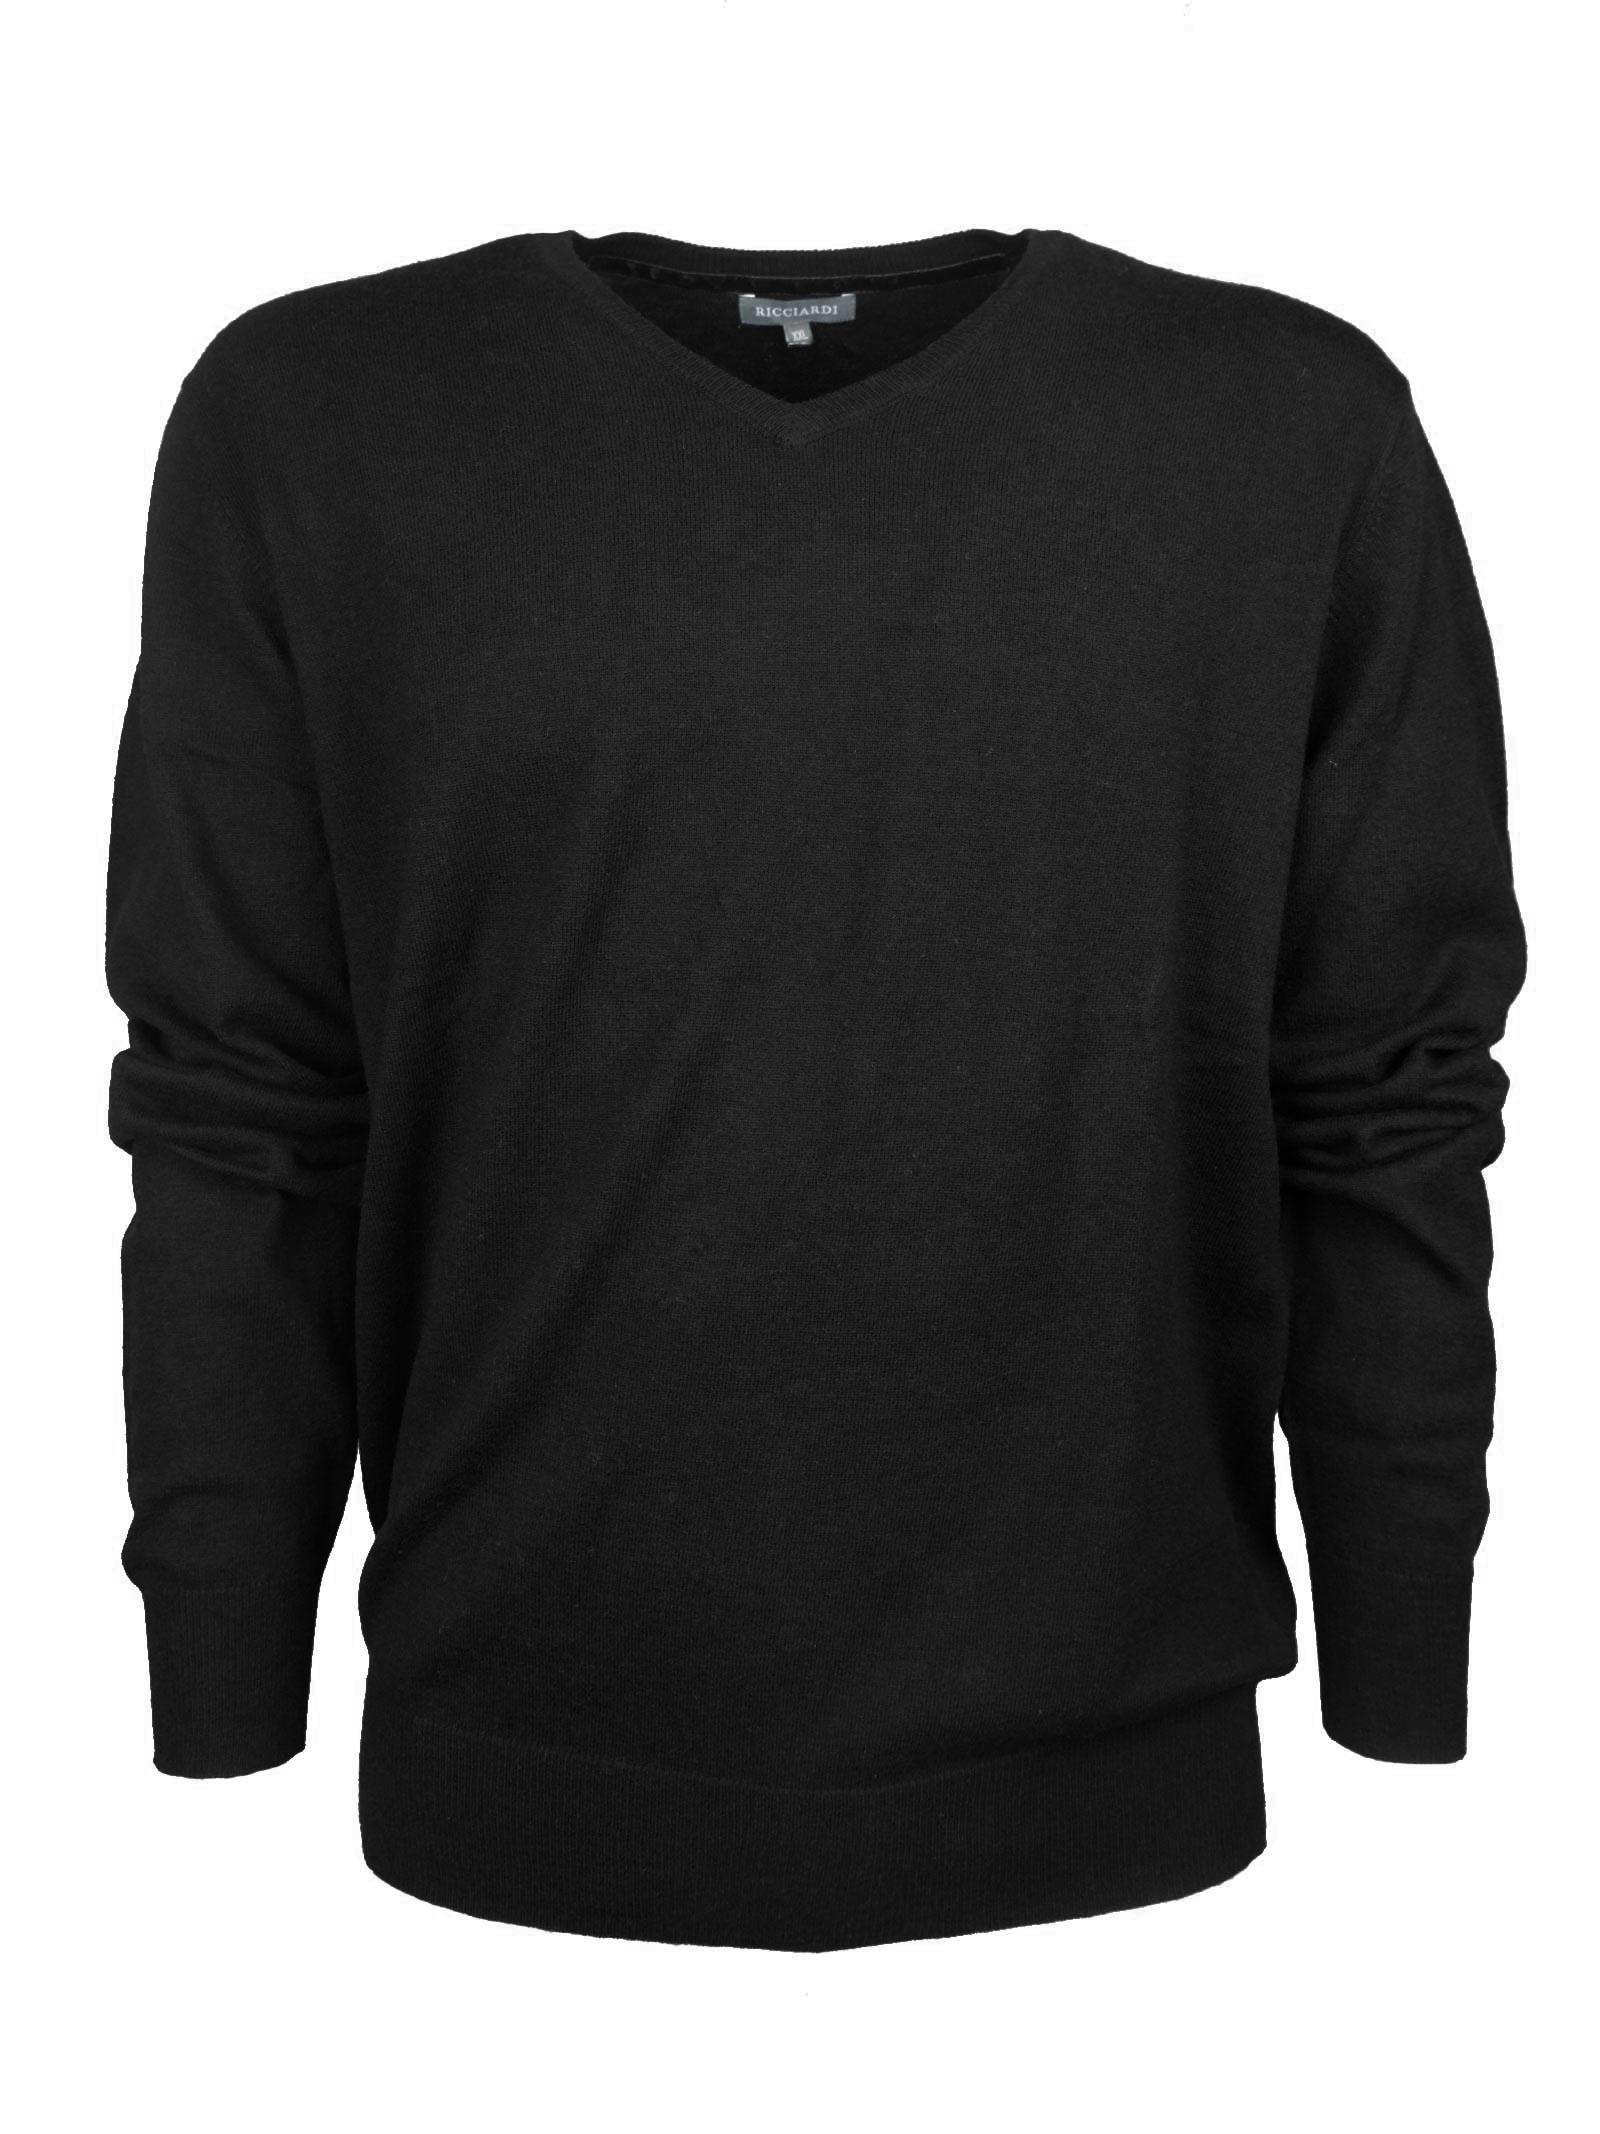 RICCIARDI   Knitwear   FULVIO08/999